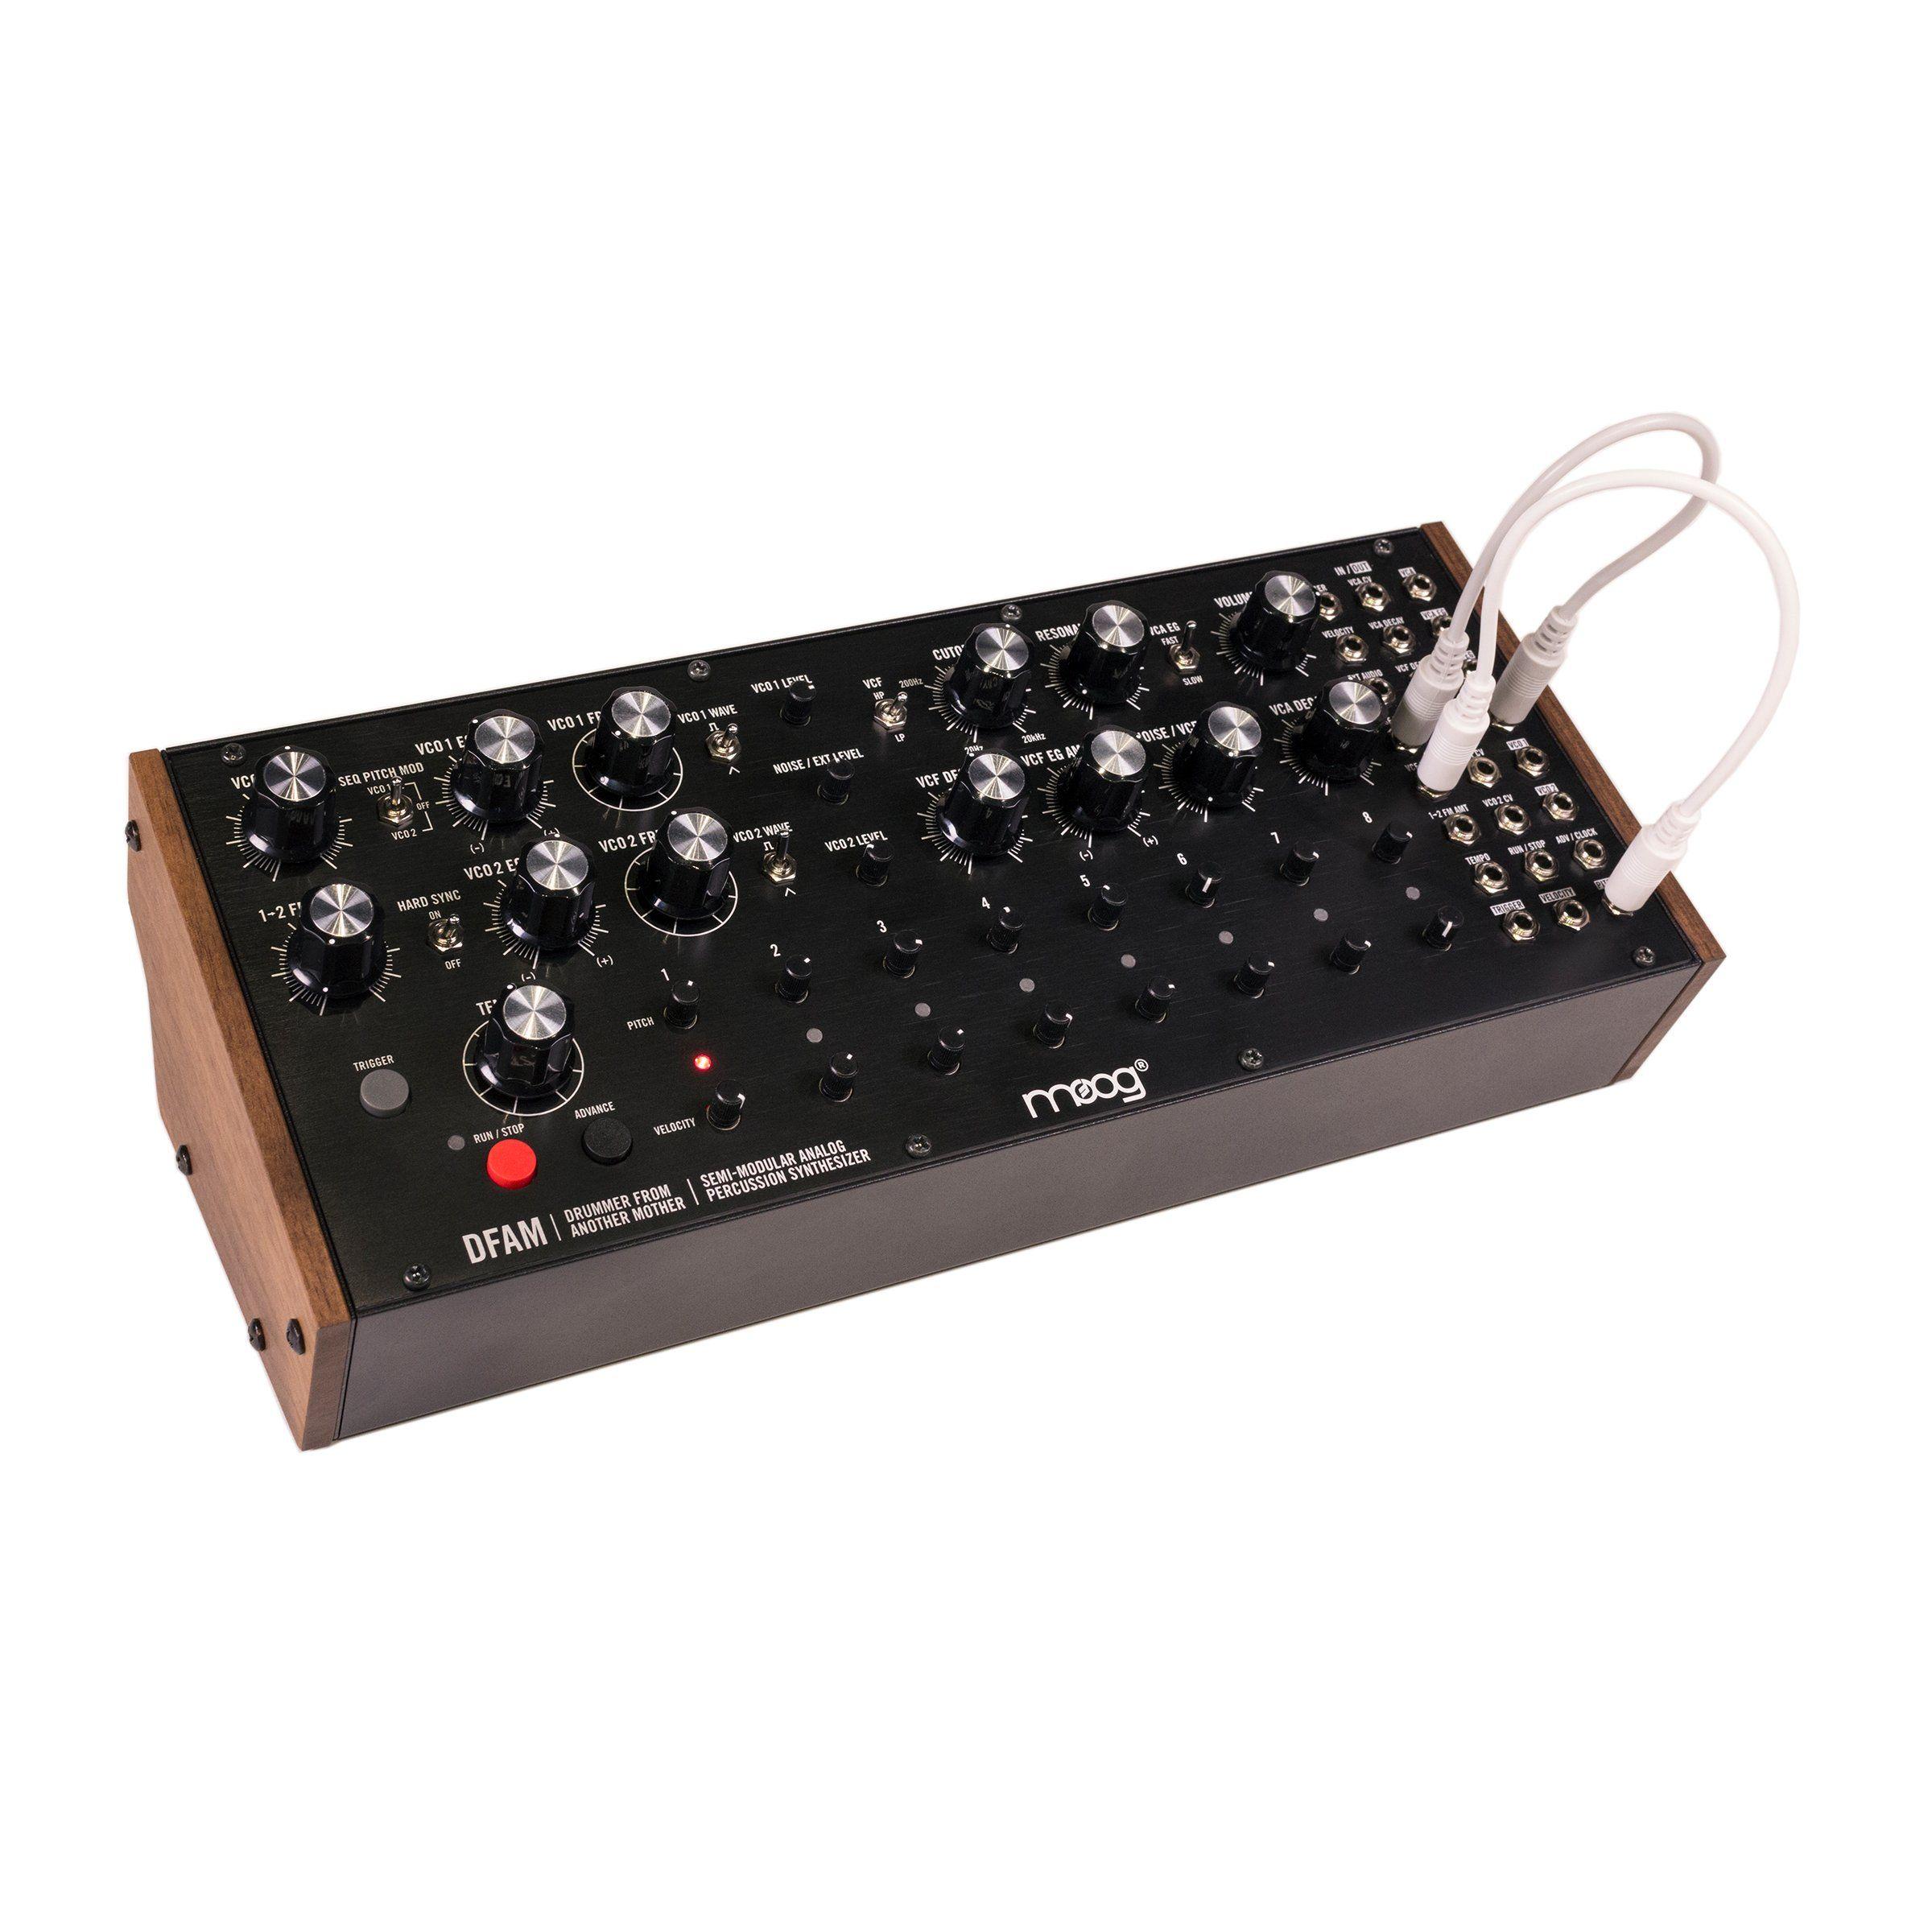 Moog DFAM Drum Machine | Products | Drum machine, Percussion